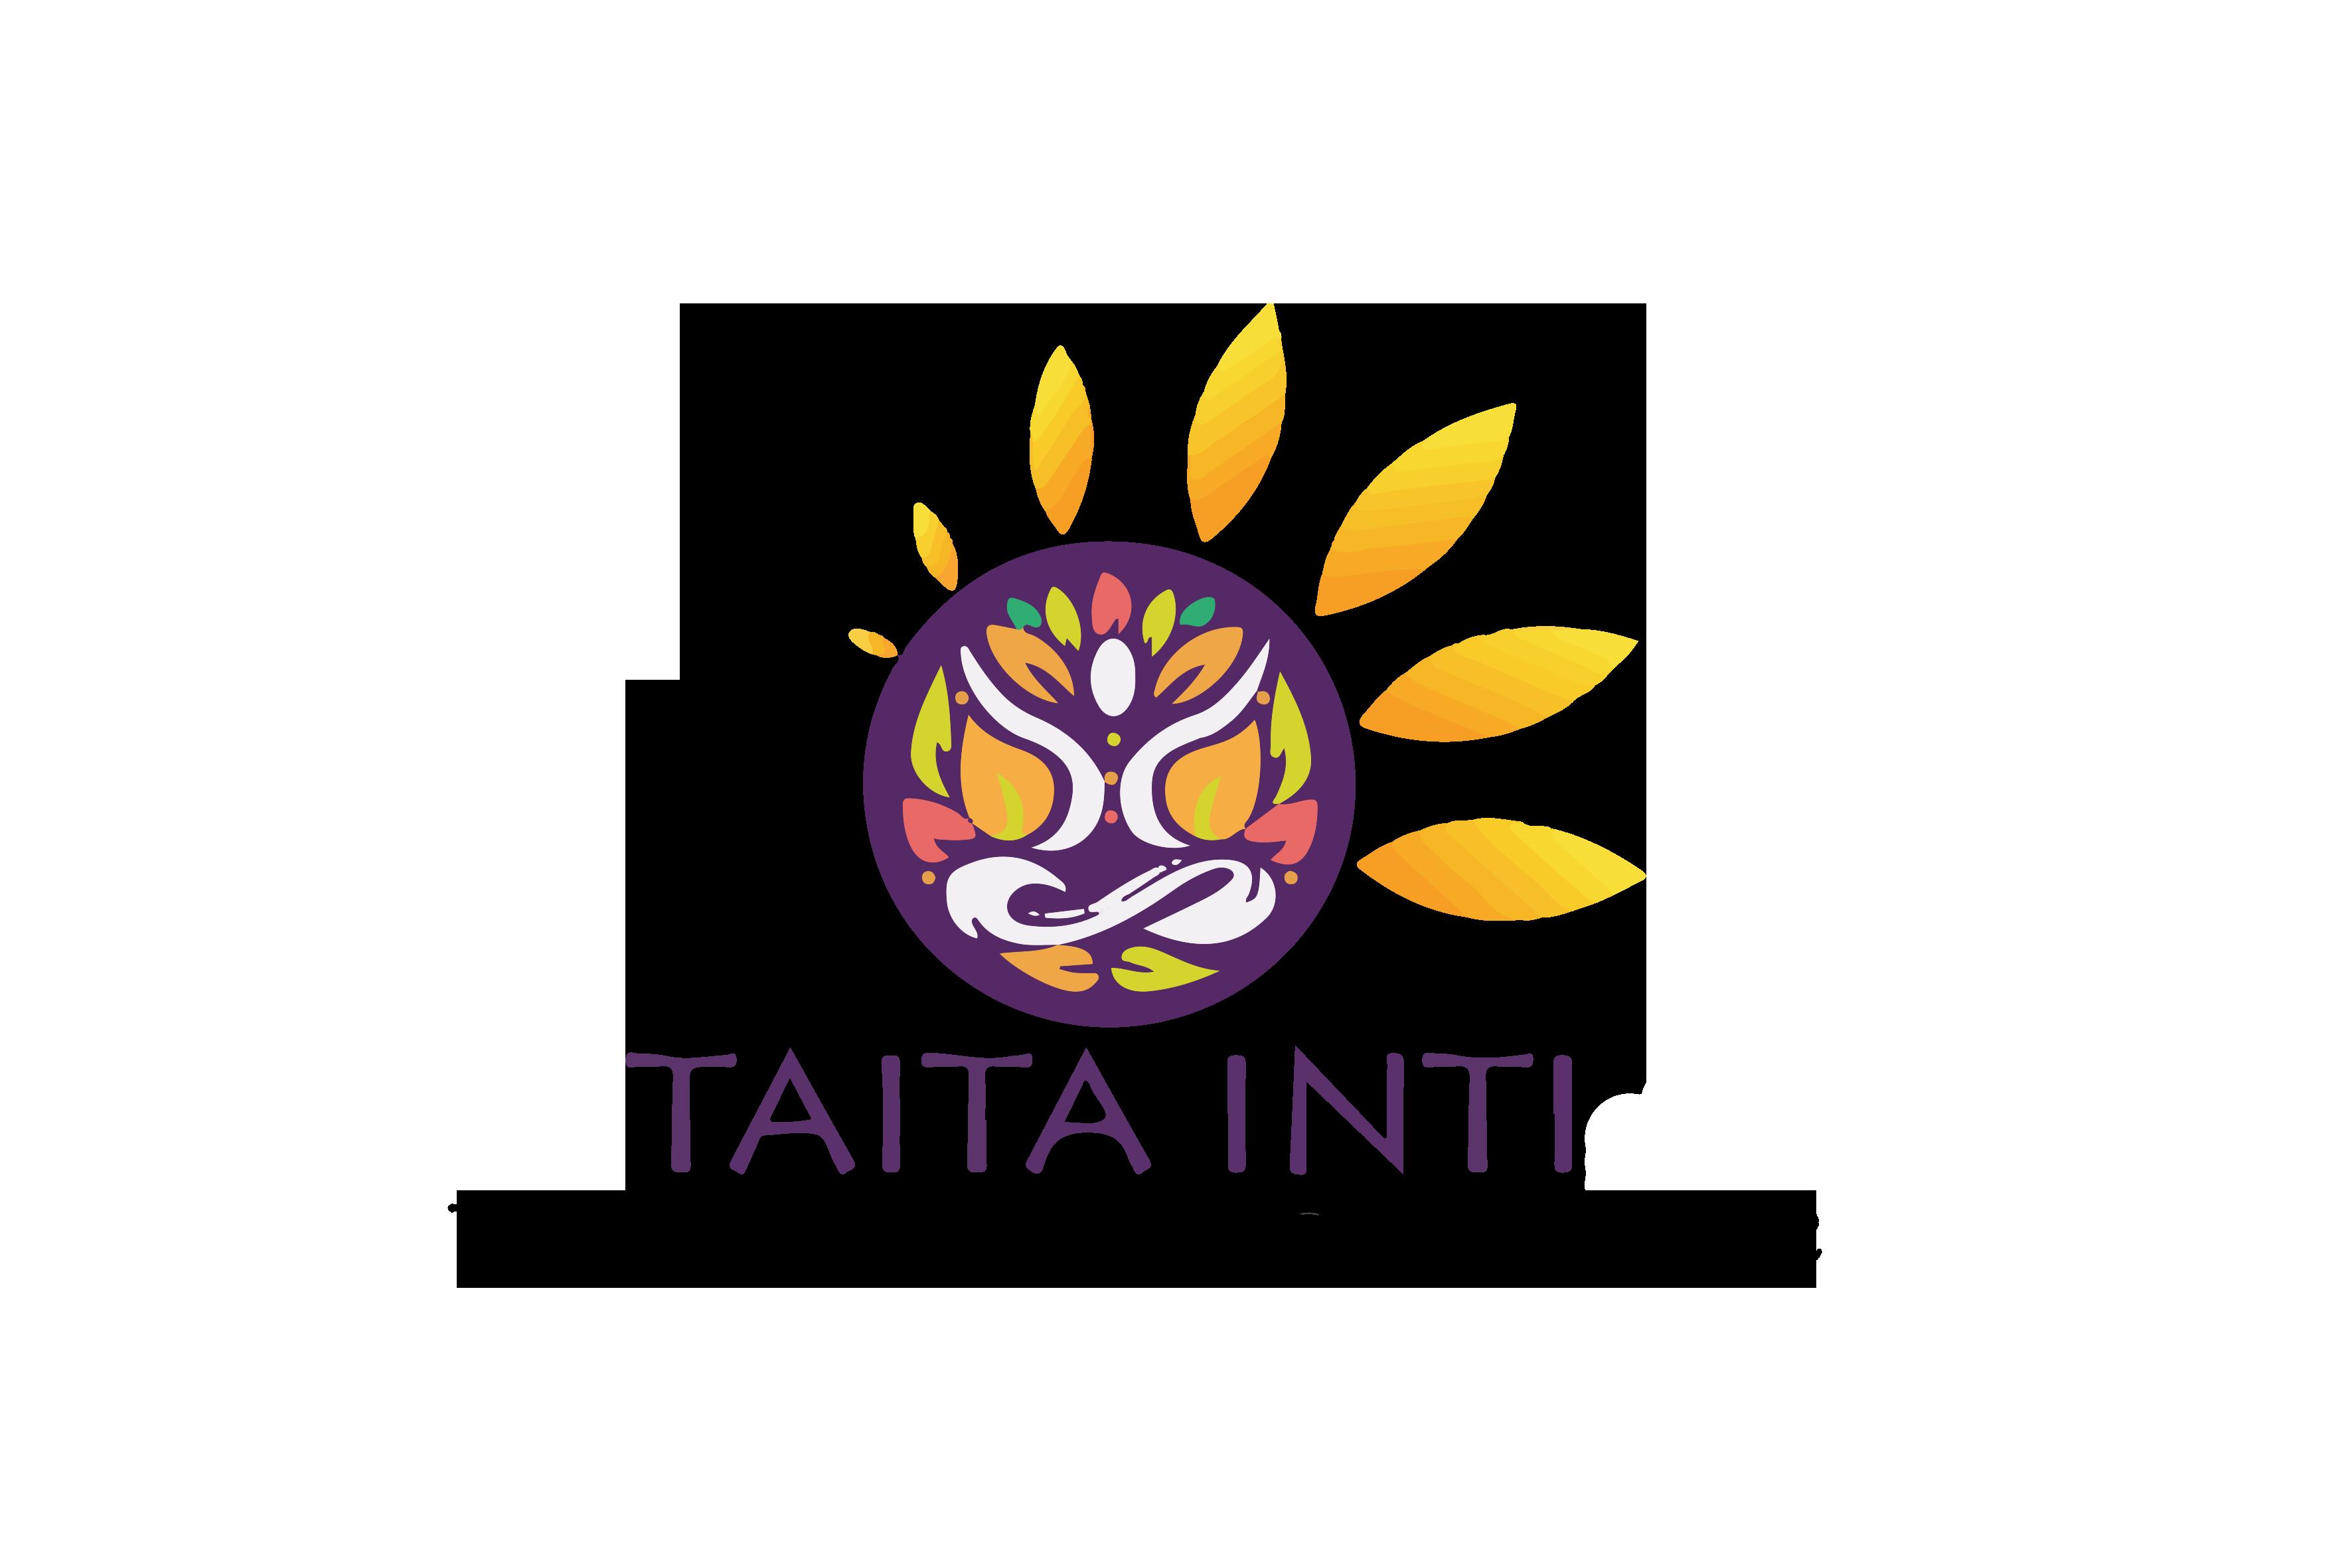 Taita Inti